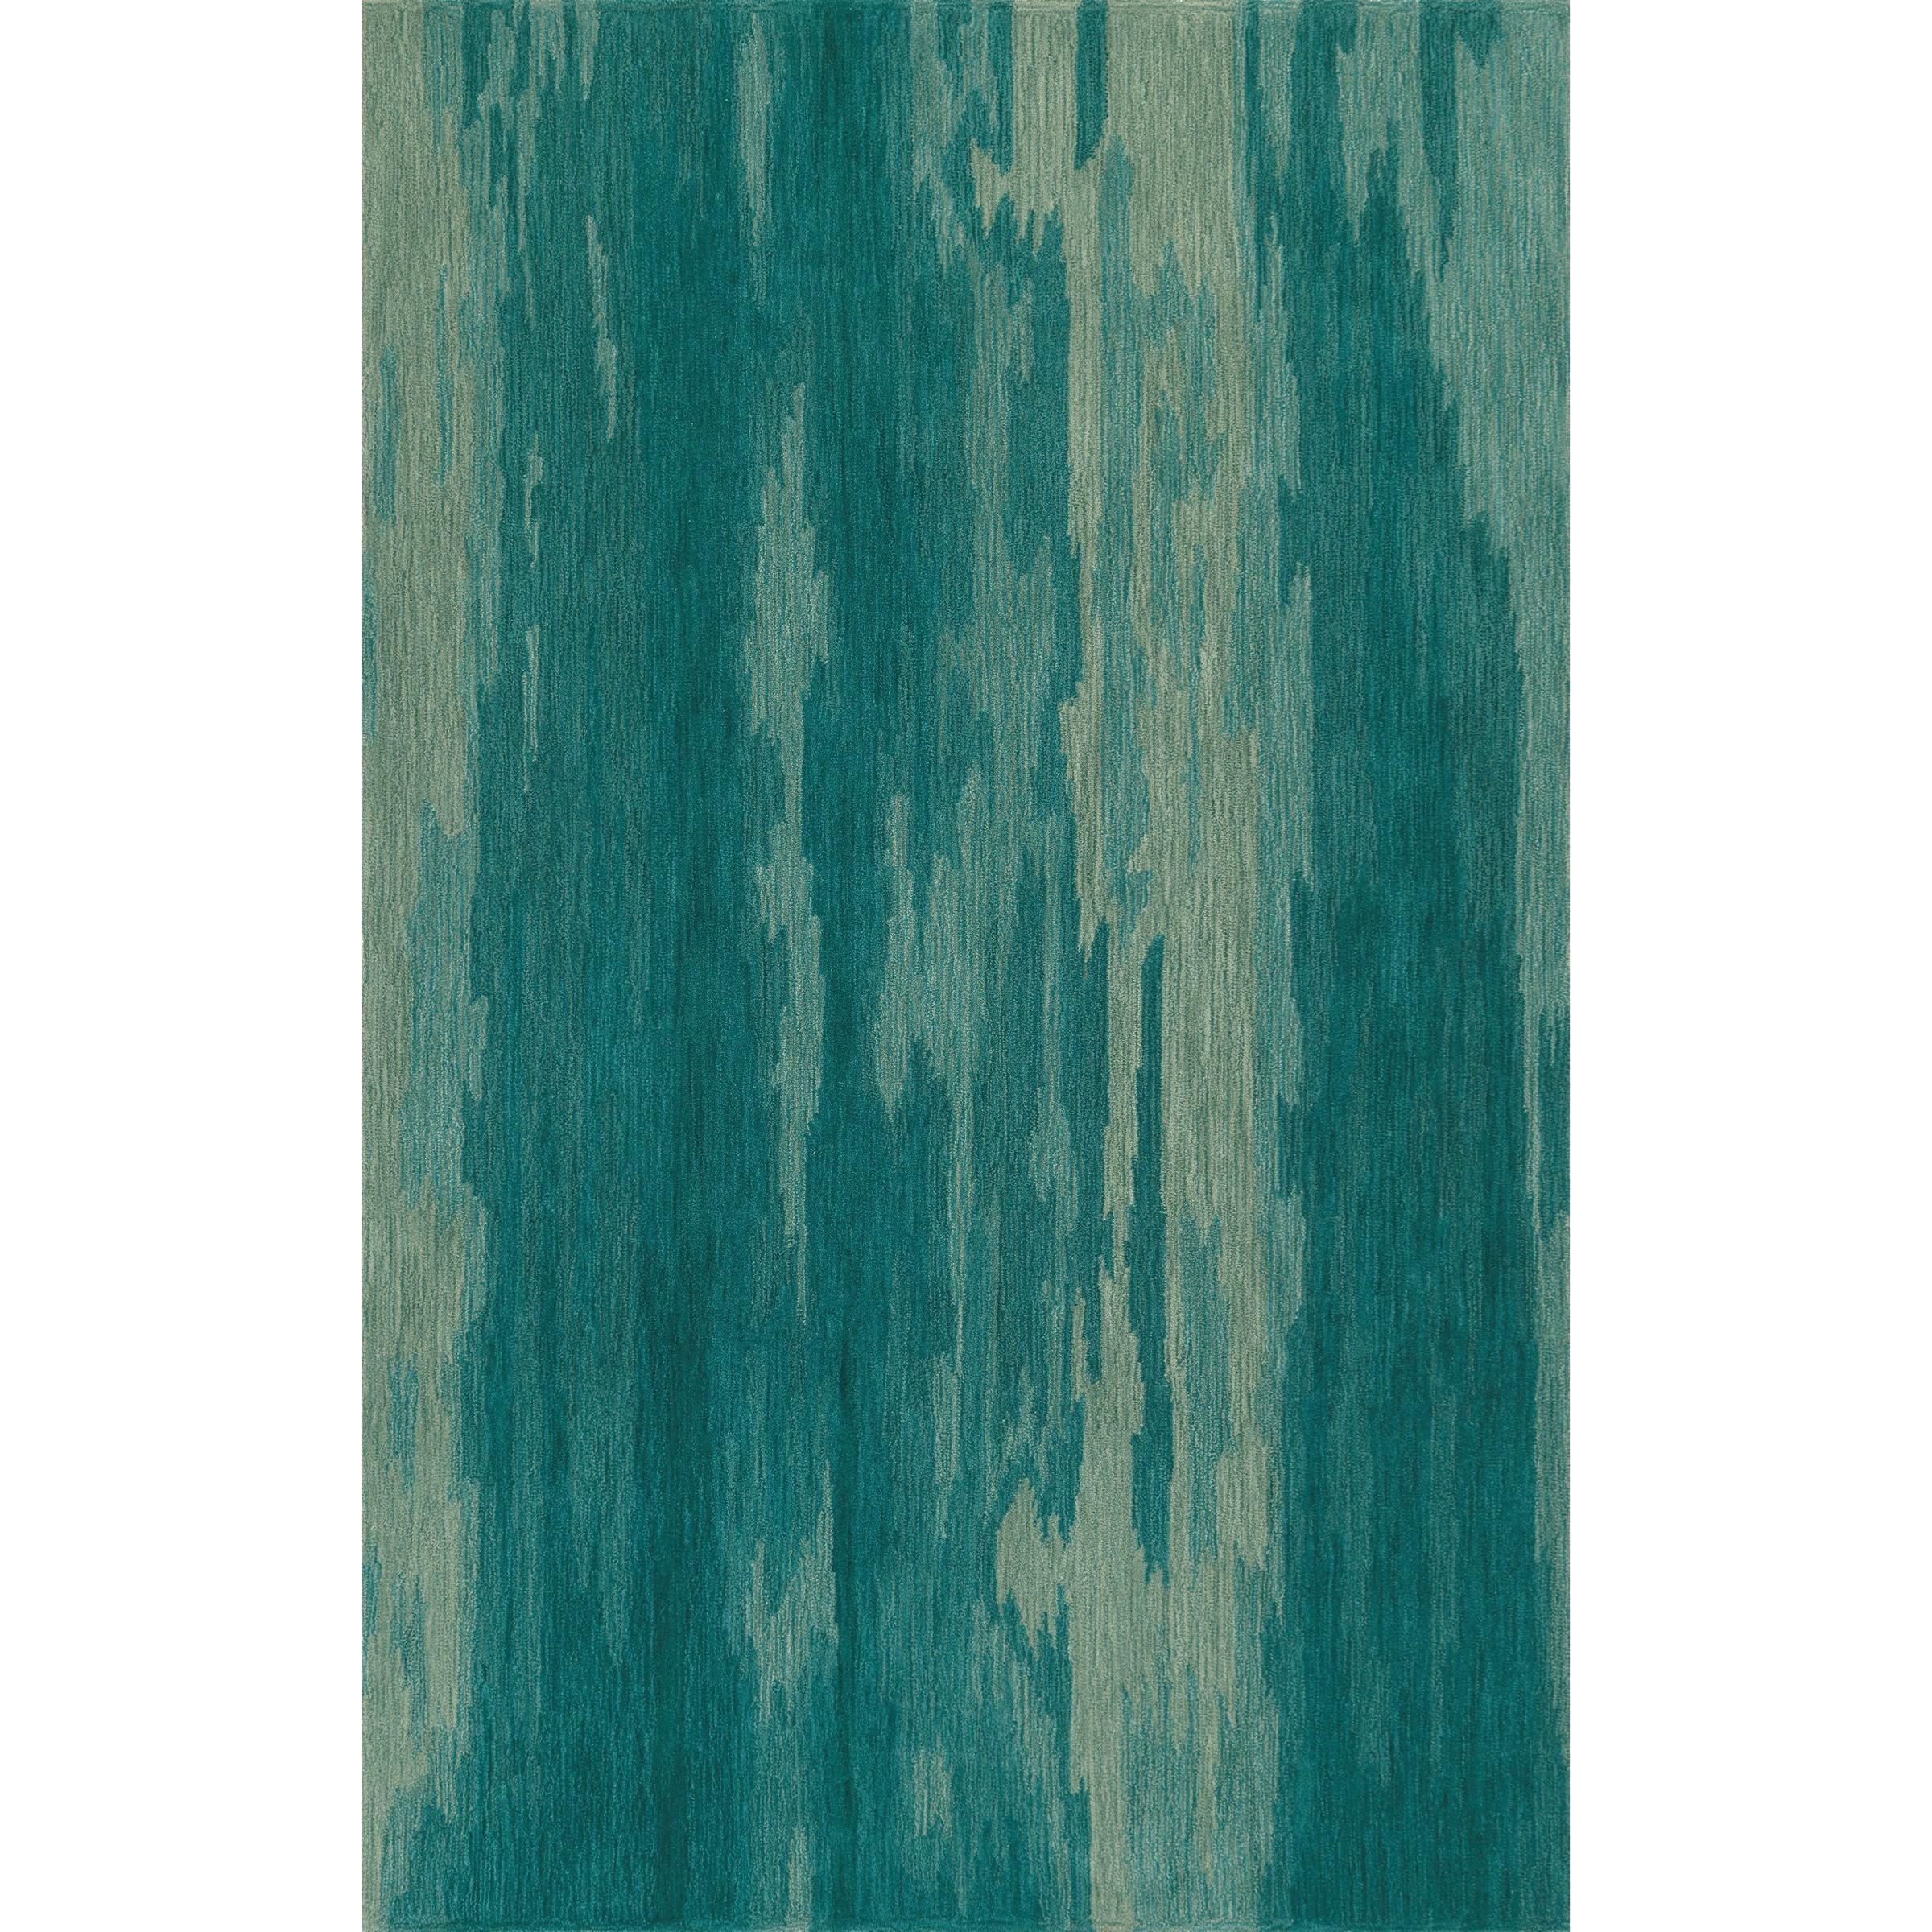 Aqua 8'X10' Rug